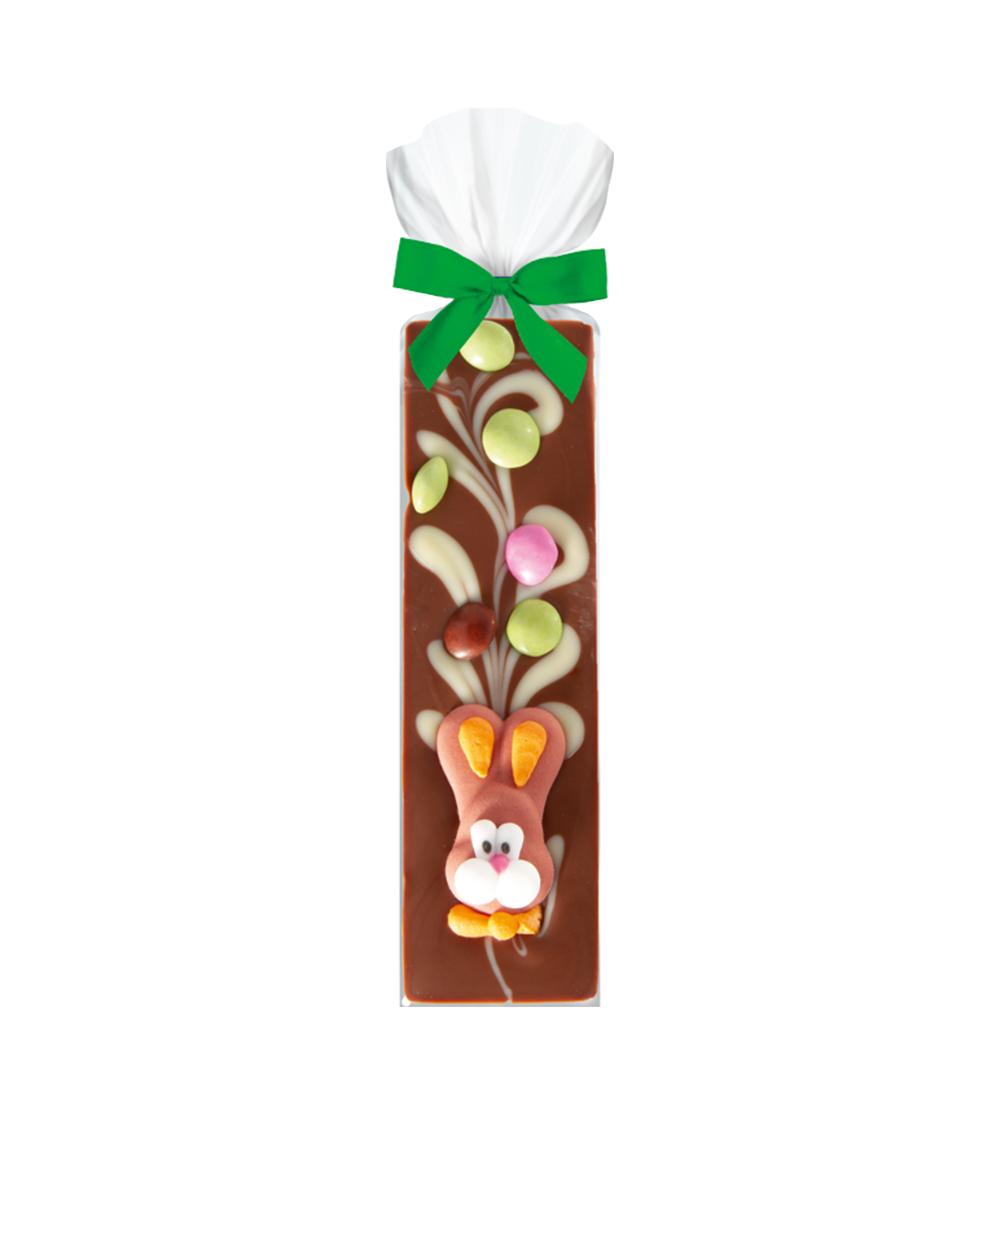 Schokoladenriegel Hase von Eilles, Vollmilchschokolade